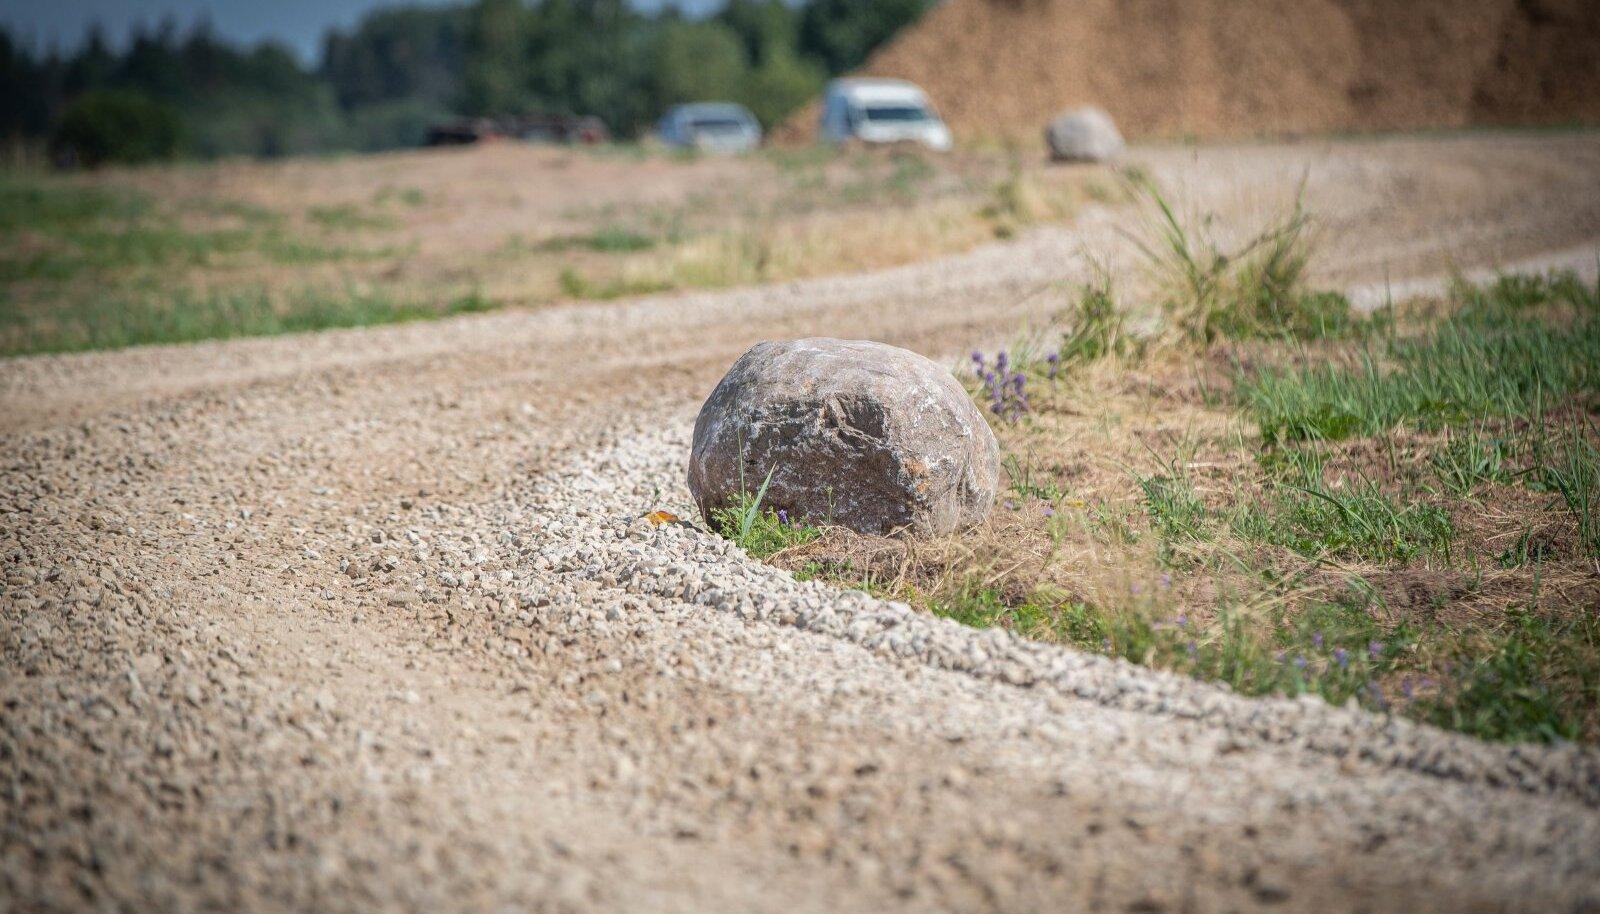 Lühike sirge, kurv, uuesti lühike sirge ja jälle kurv. Selline on Rally Estonia punktikatse ülesehitus.